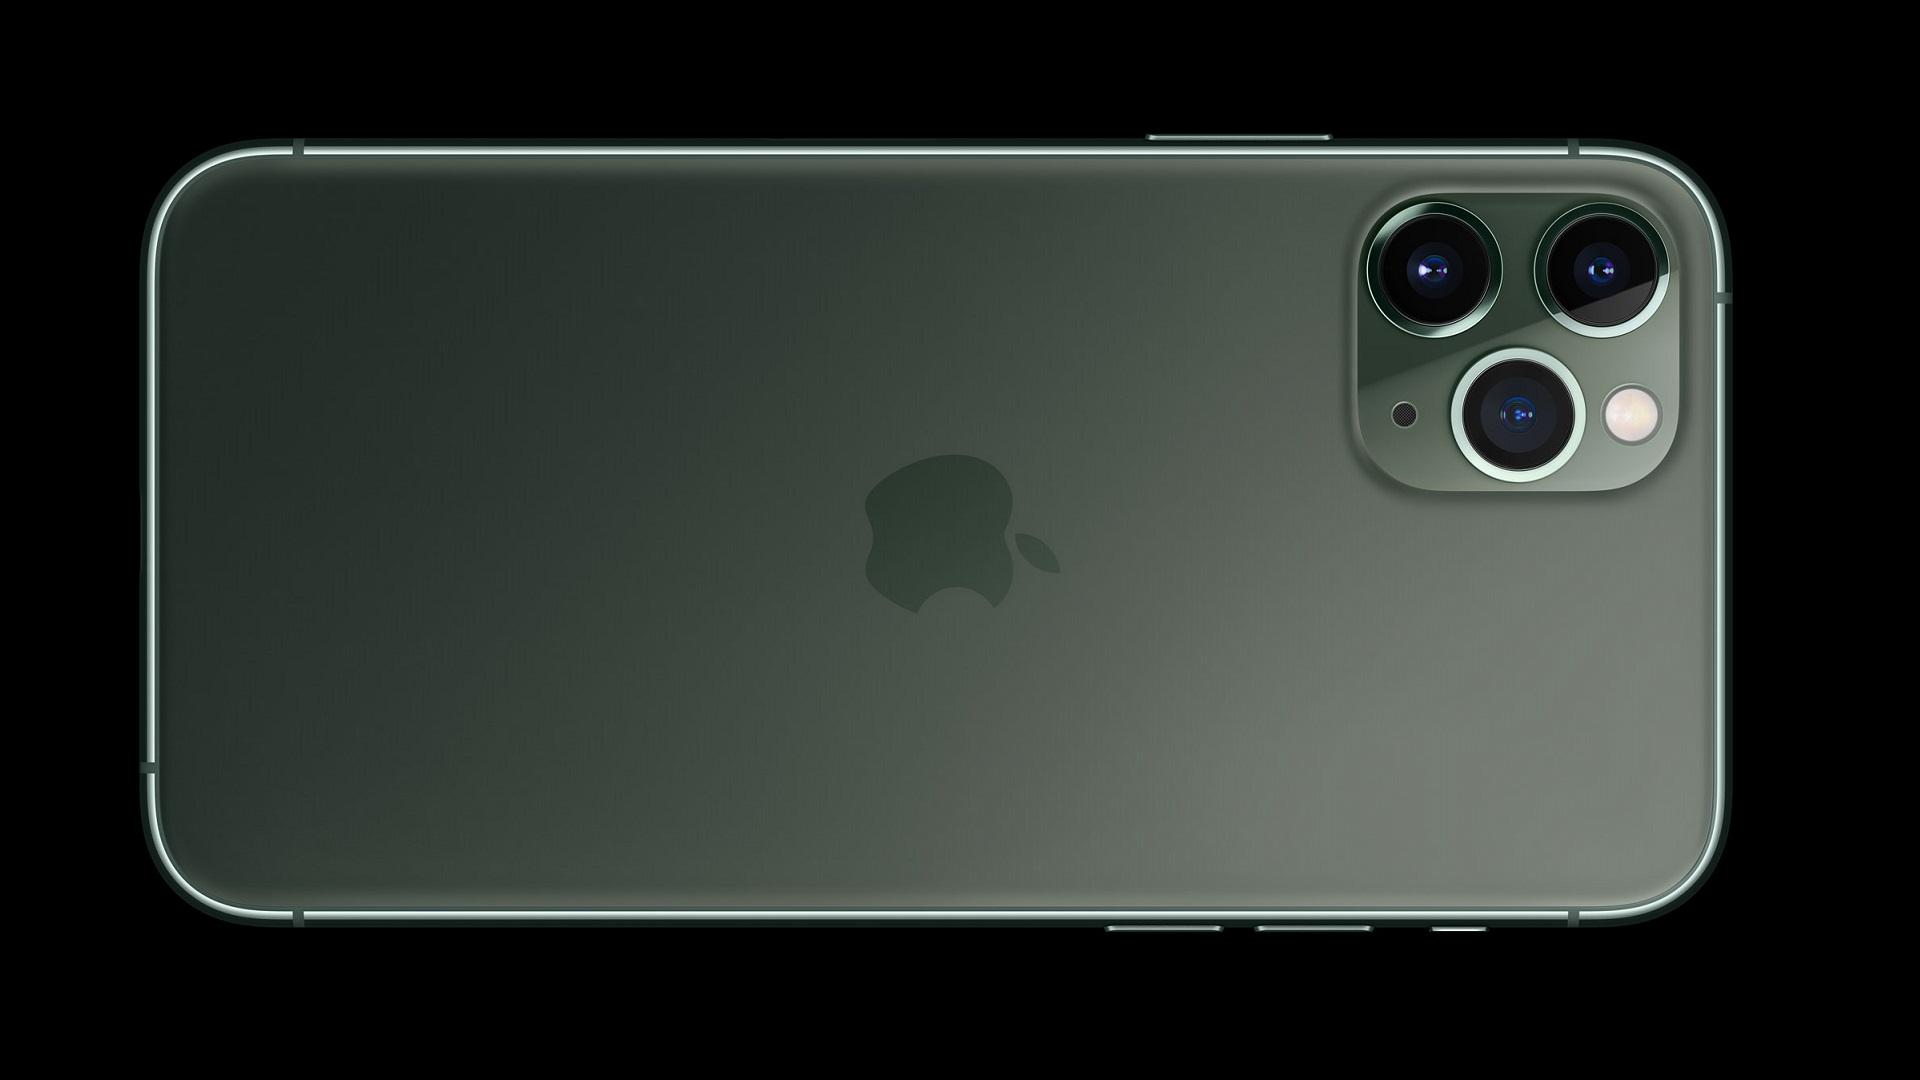 Anuncian Apple iPhone 11 Pro - cuenta con cuatro cámaras, todas graban video 4K a 60FPS